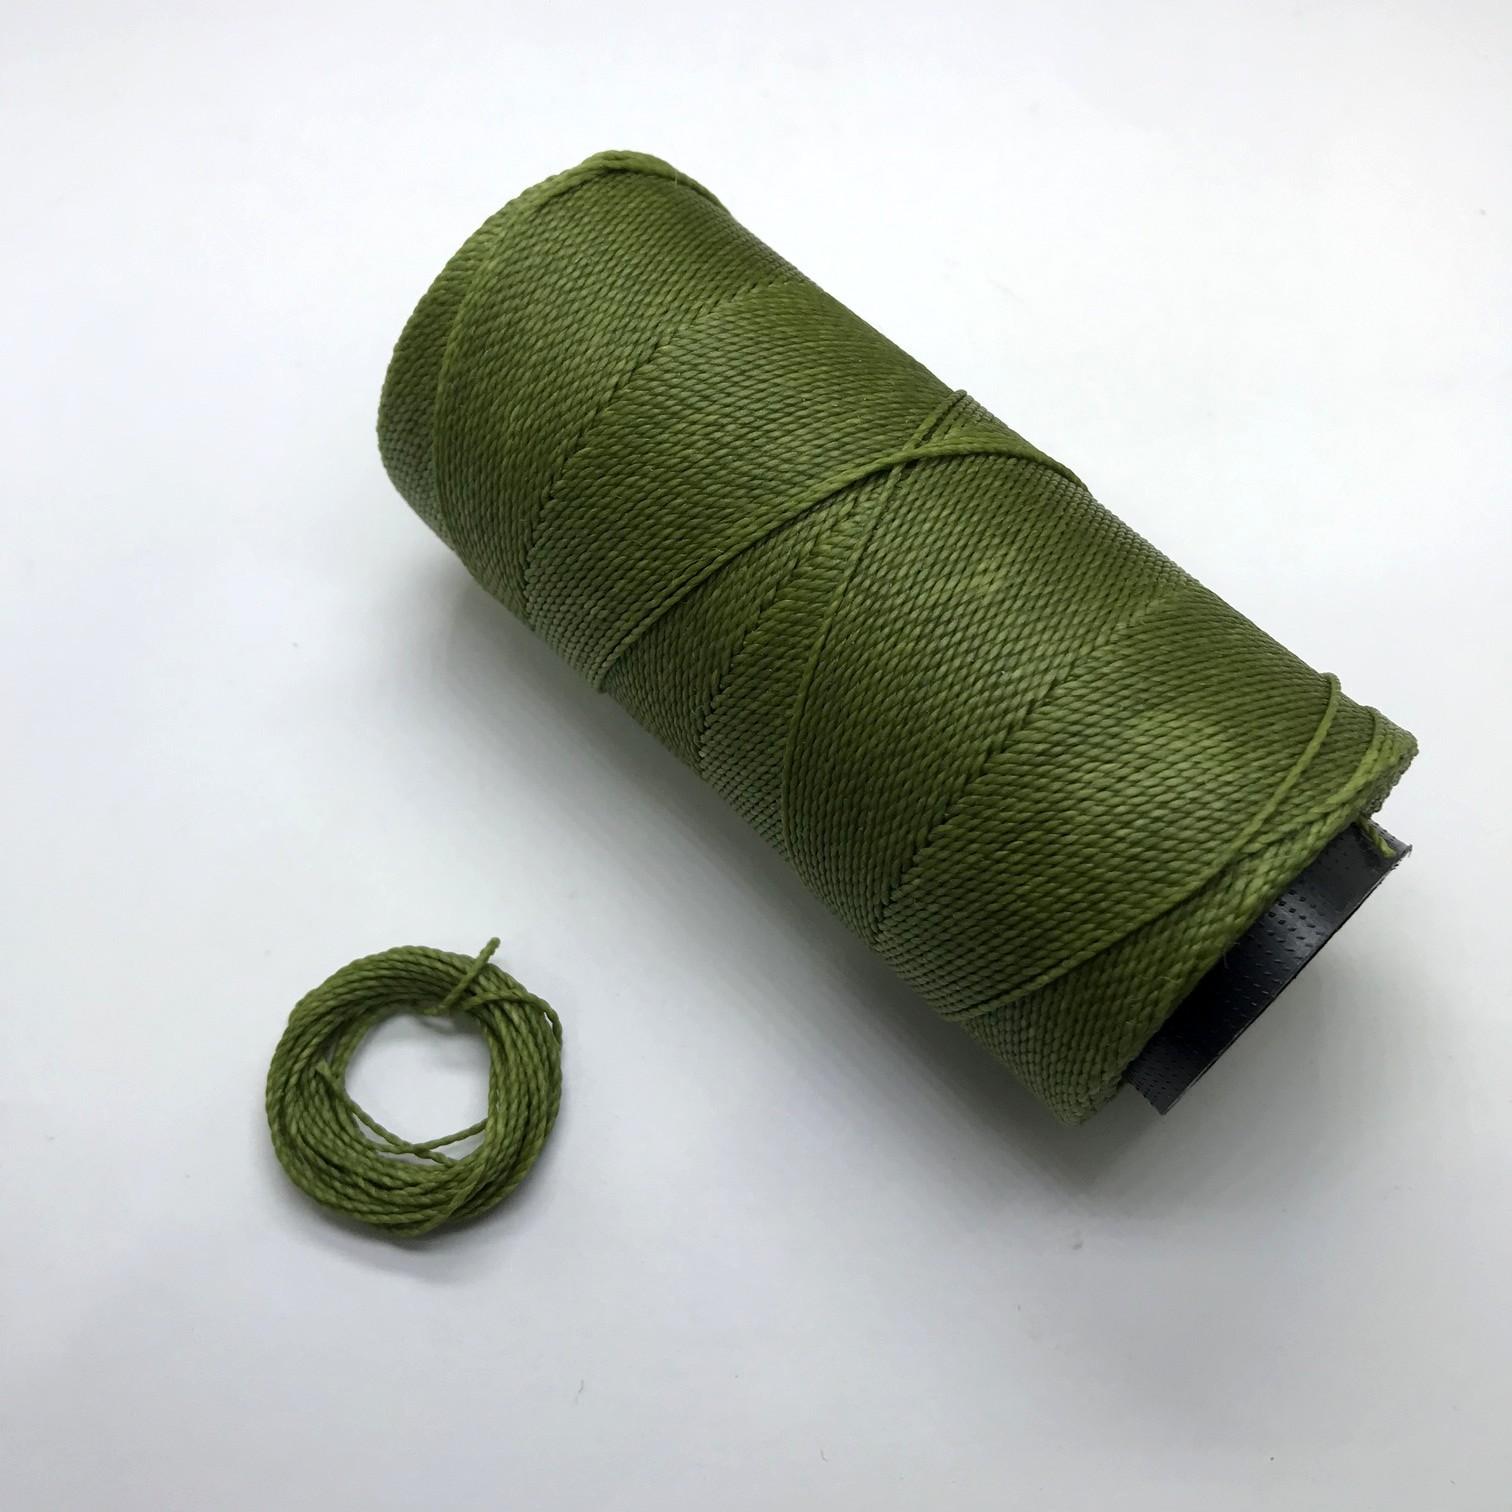 fio encerado cordonê 1mm diversas cores 2 metros